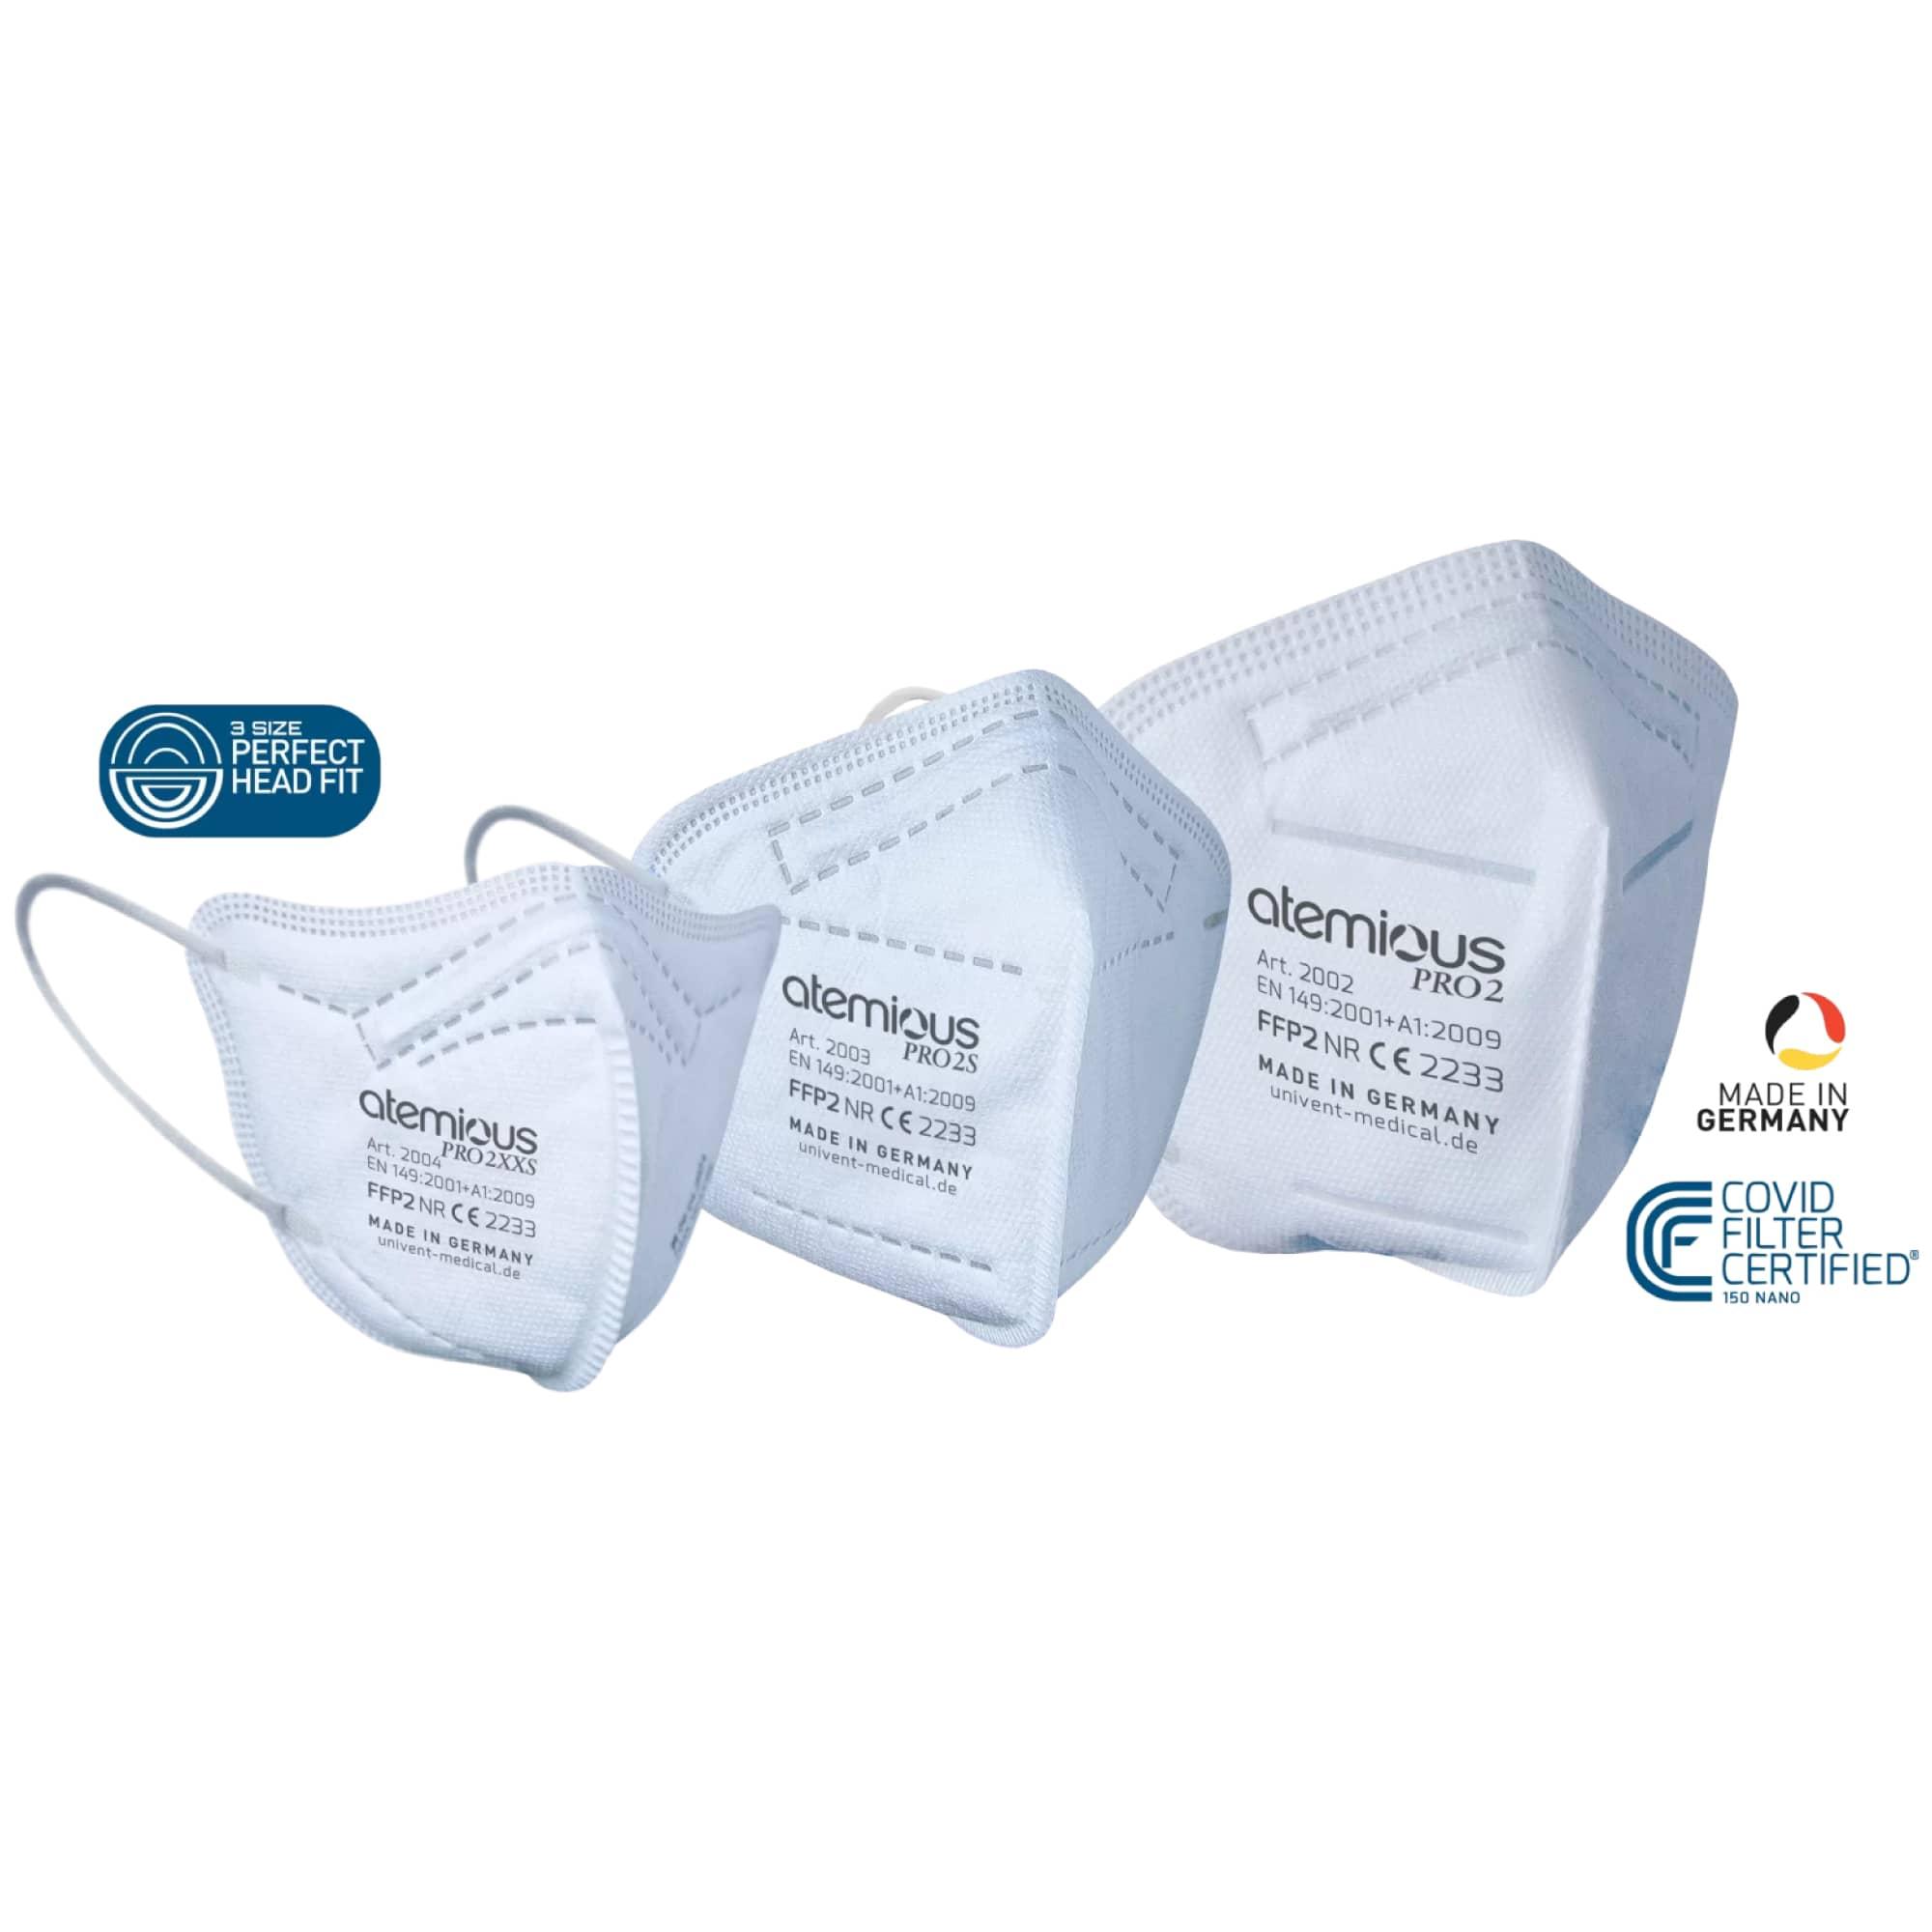 FFP2 premium Atemschutzmasken in drei Größen